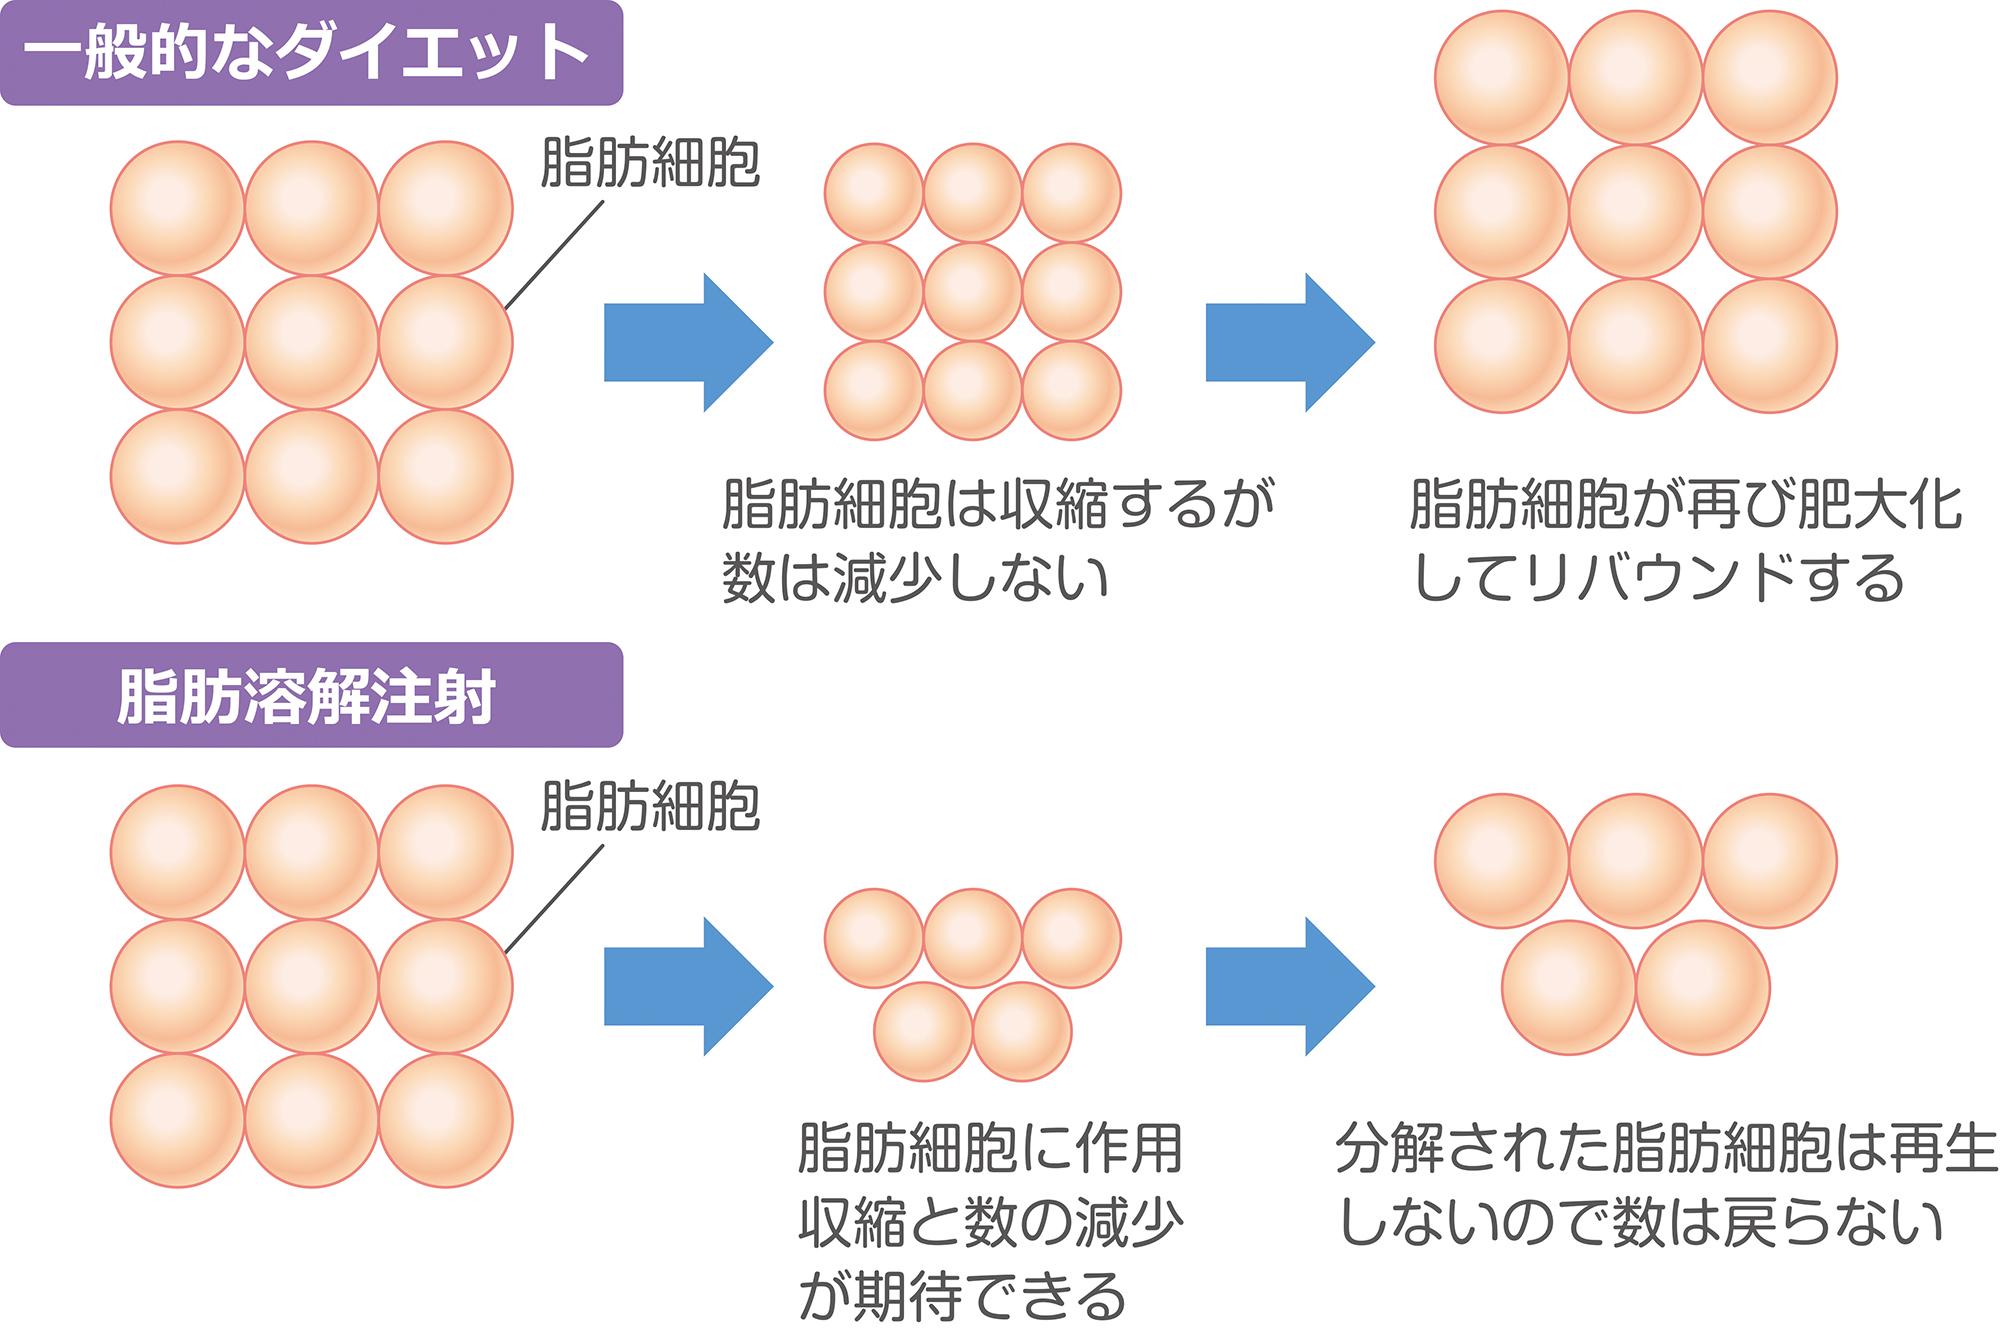 Celulele adipoase reduse prin injecție lipolitică nu se regenerează